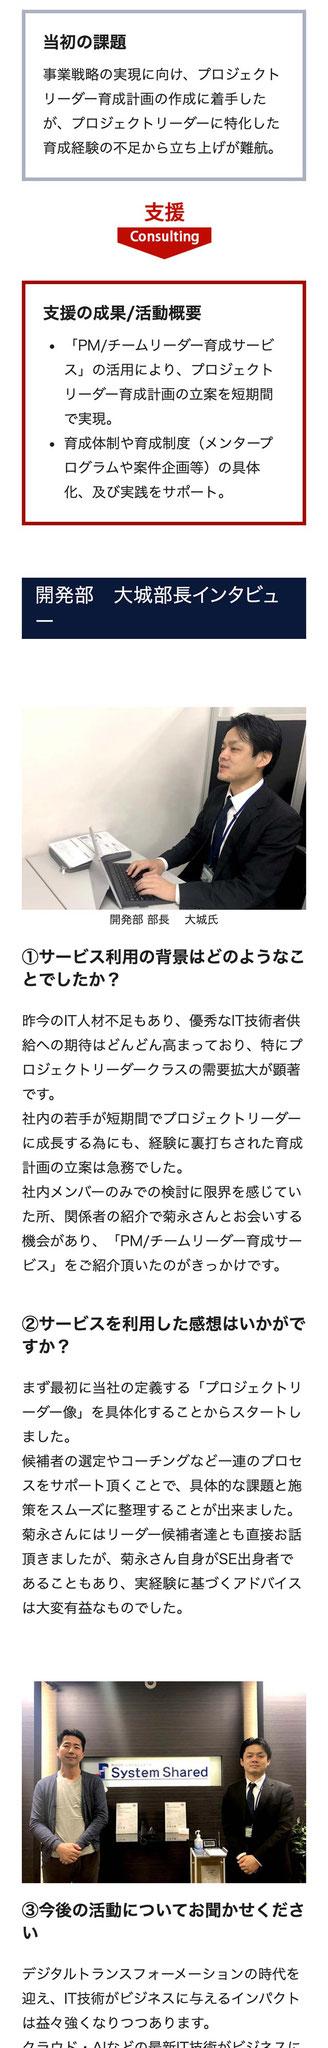 「お客様の声」ページのモバイル表示3